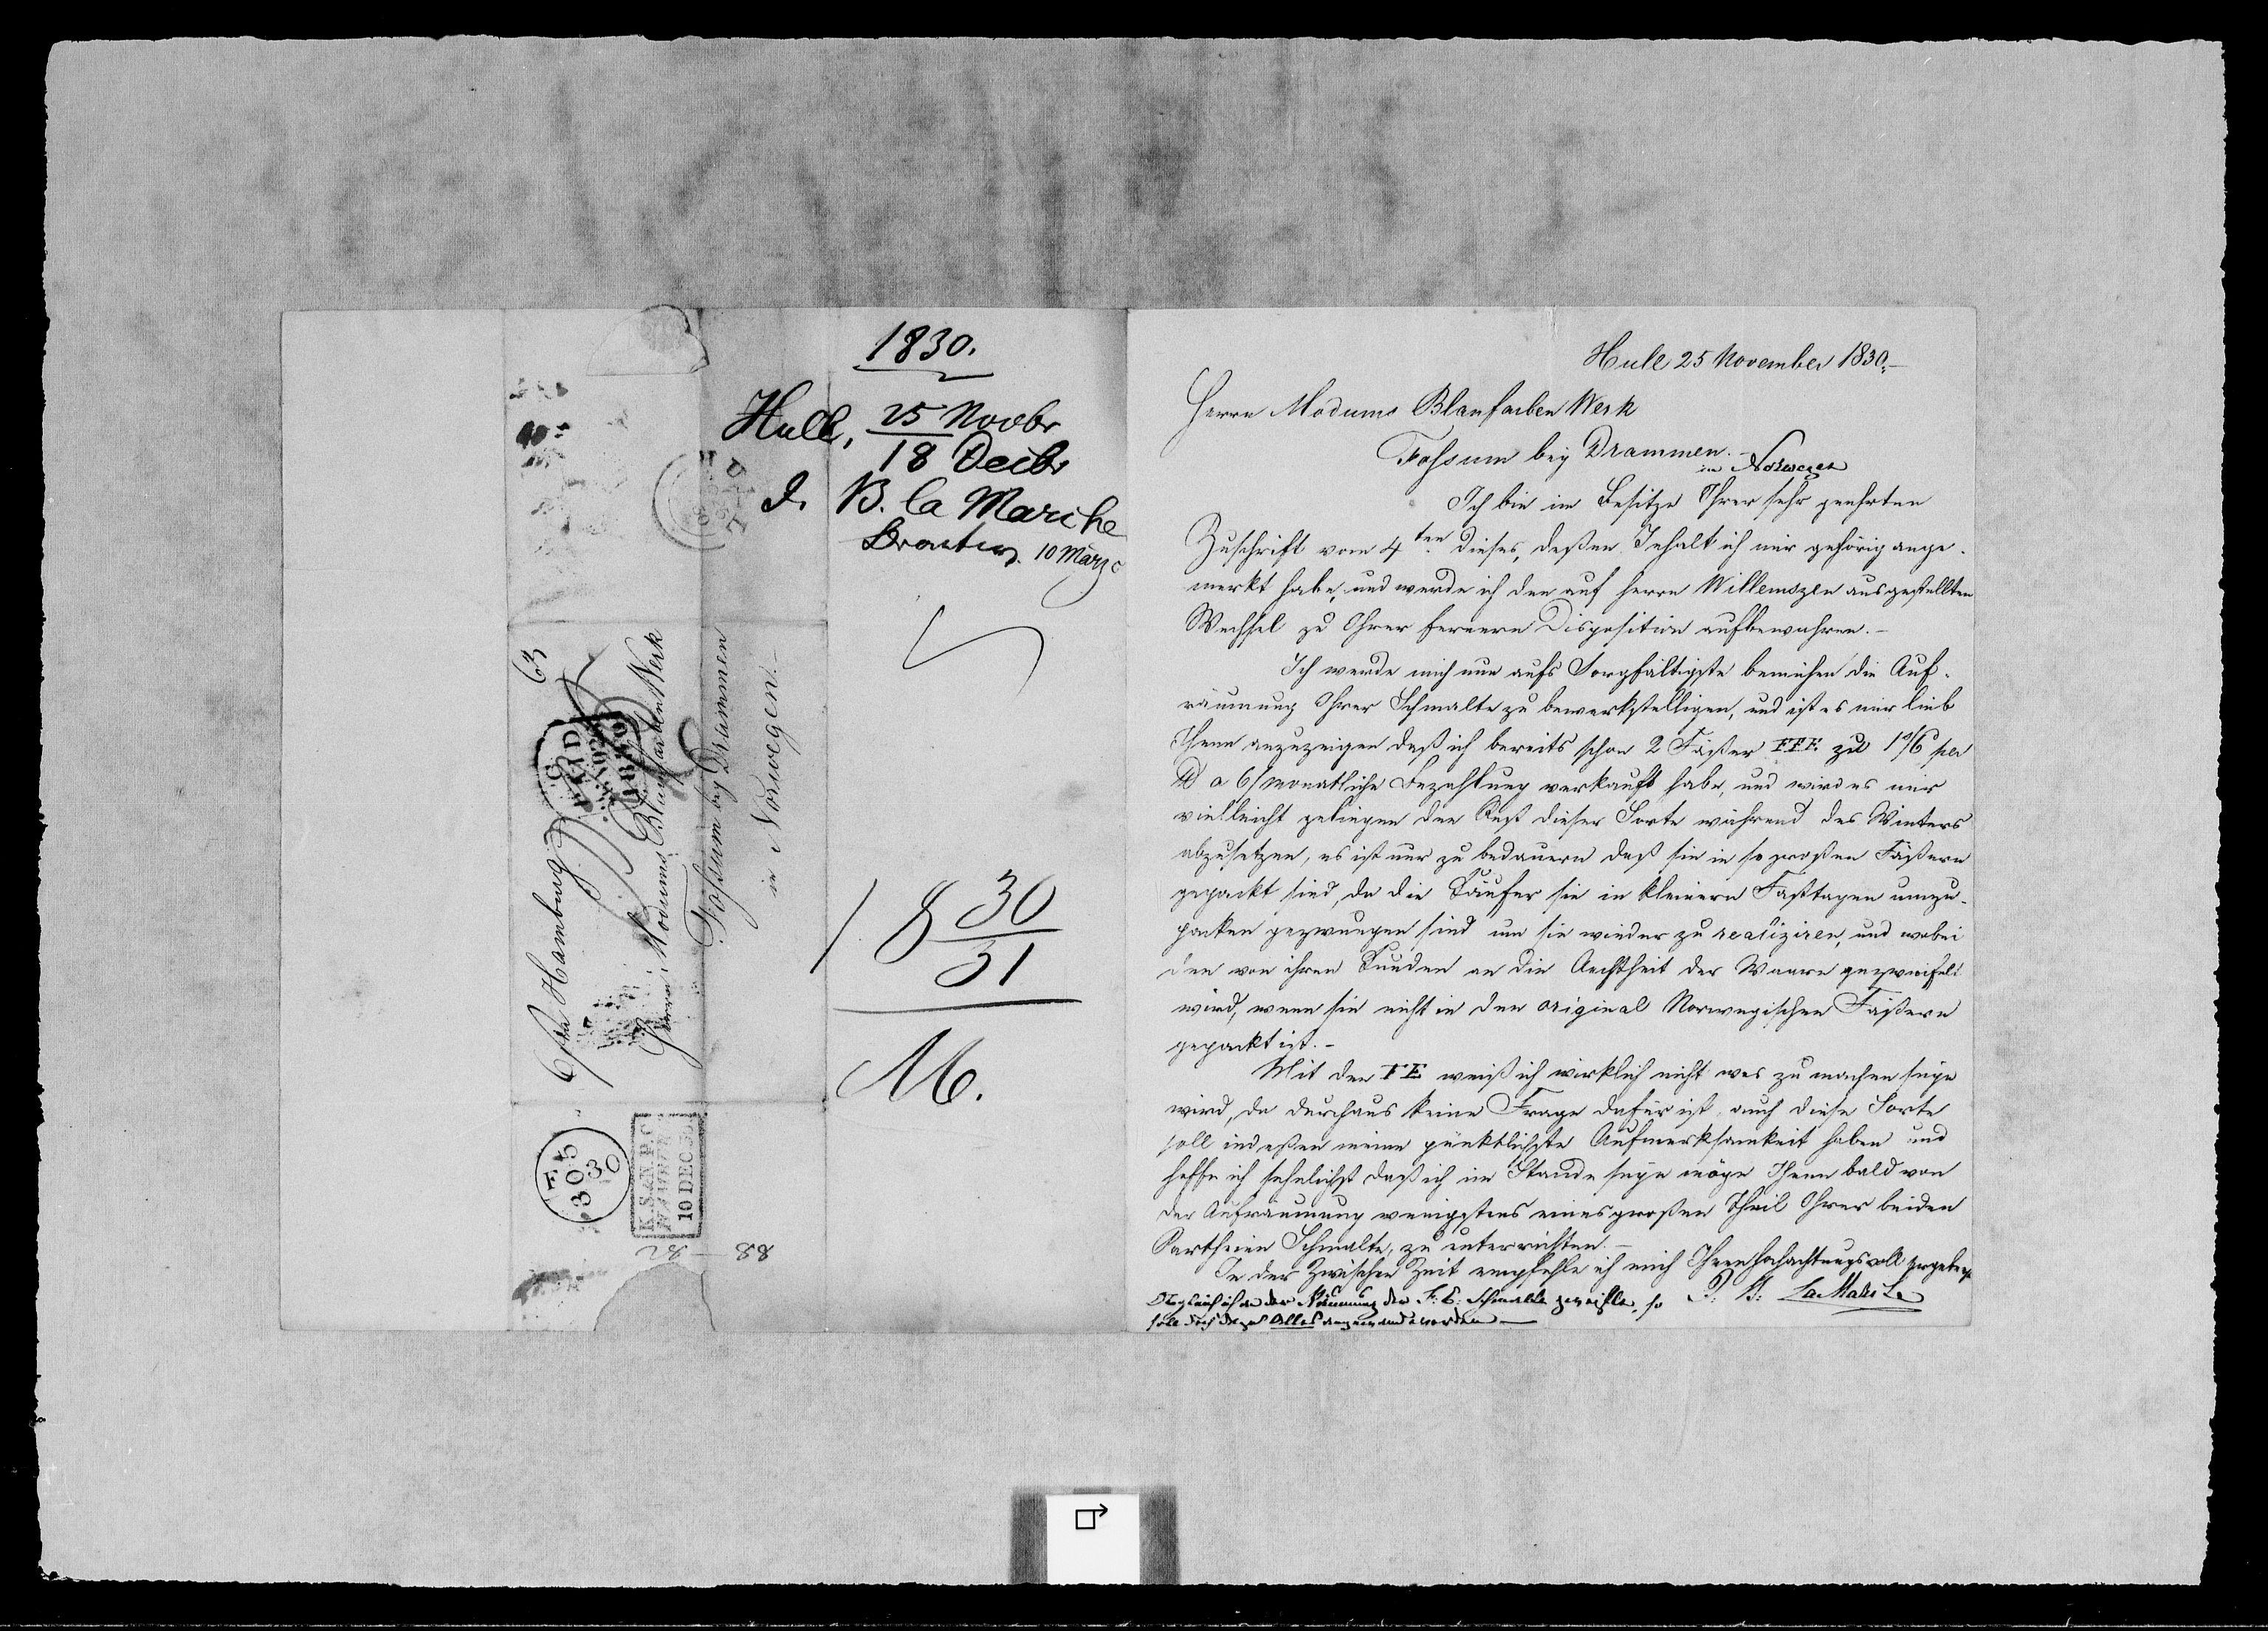 RA, Modums Blaafarveværk, G/Gb/L0106, 1830-1831, s. 2